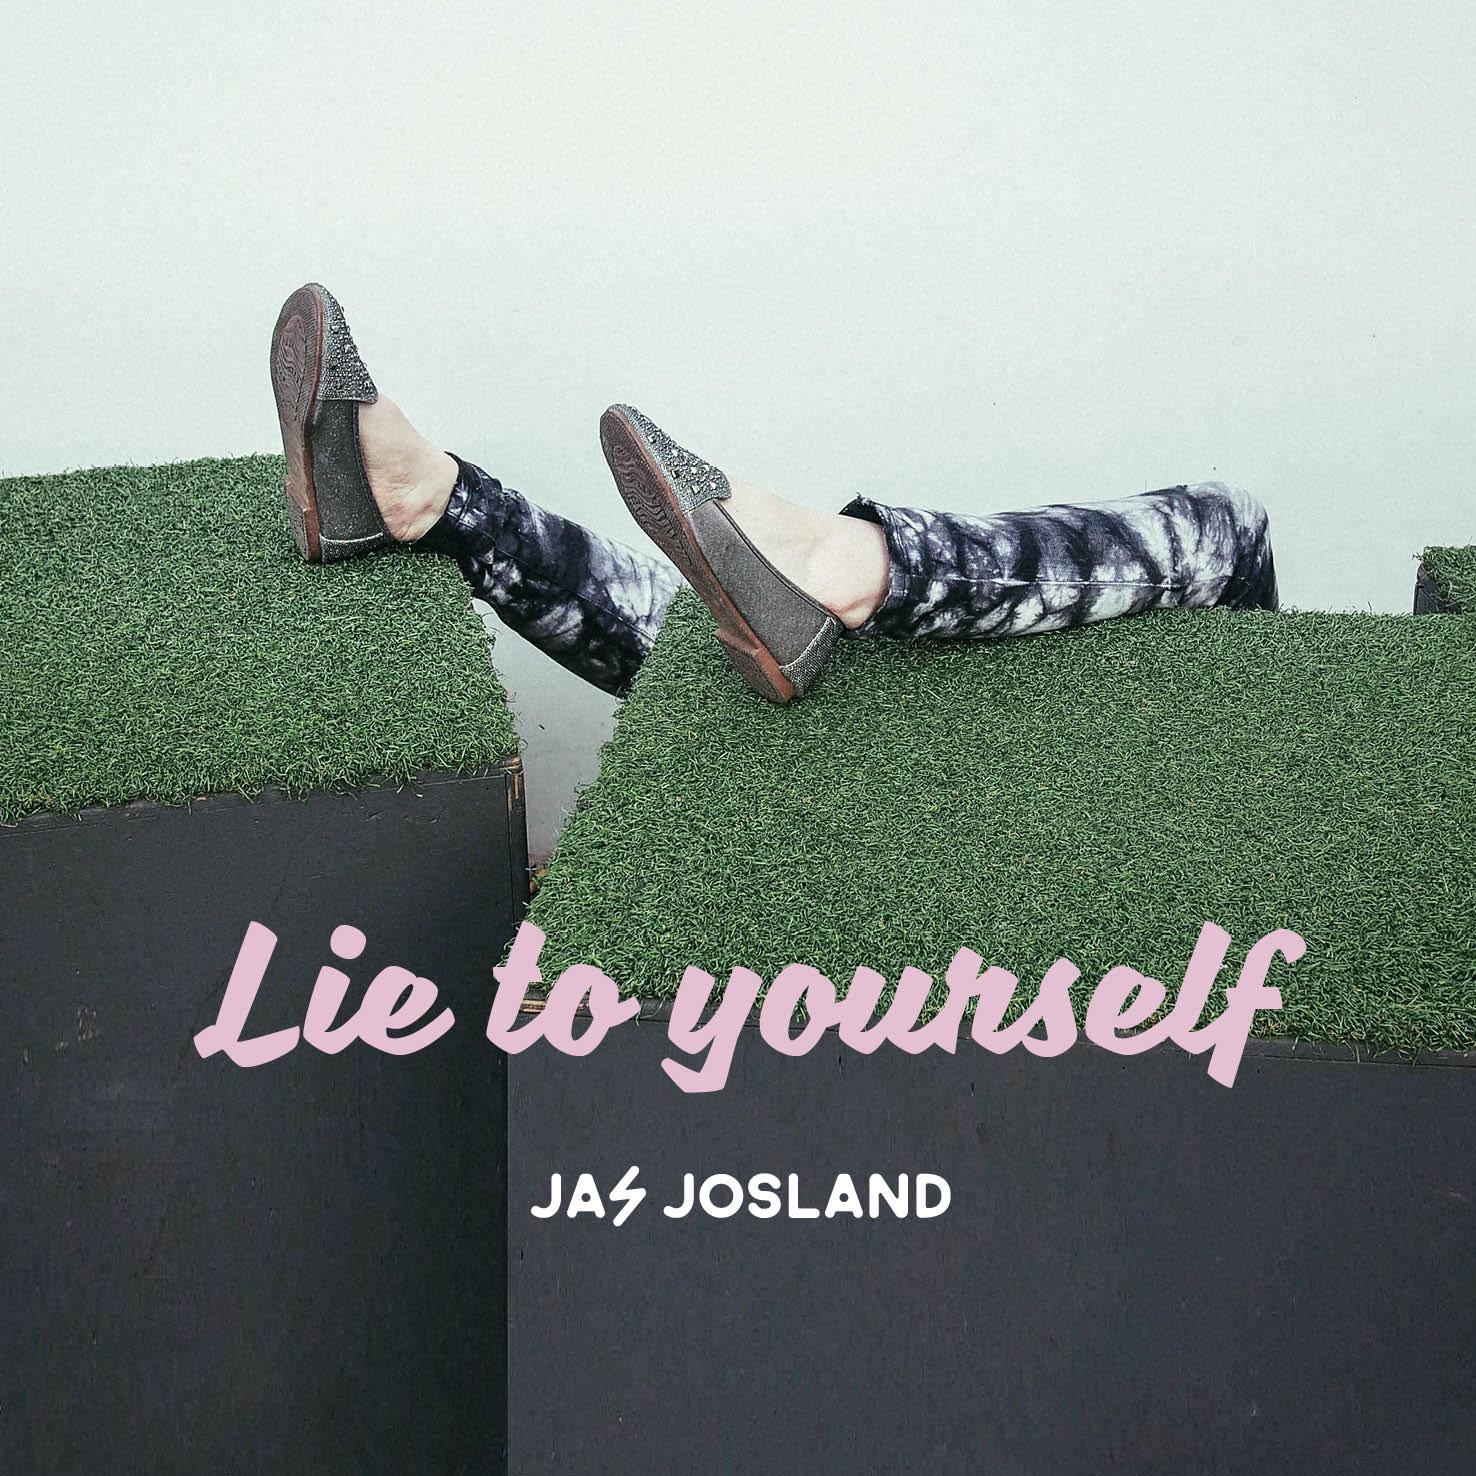 Lie to yourself - Album Cover (Jas Josland).jpg